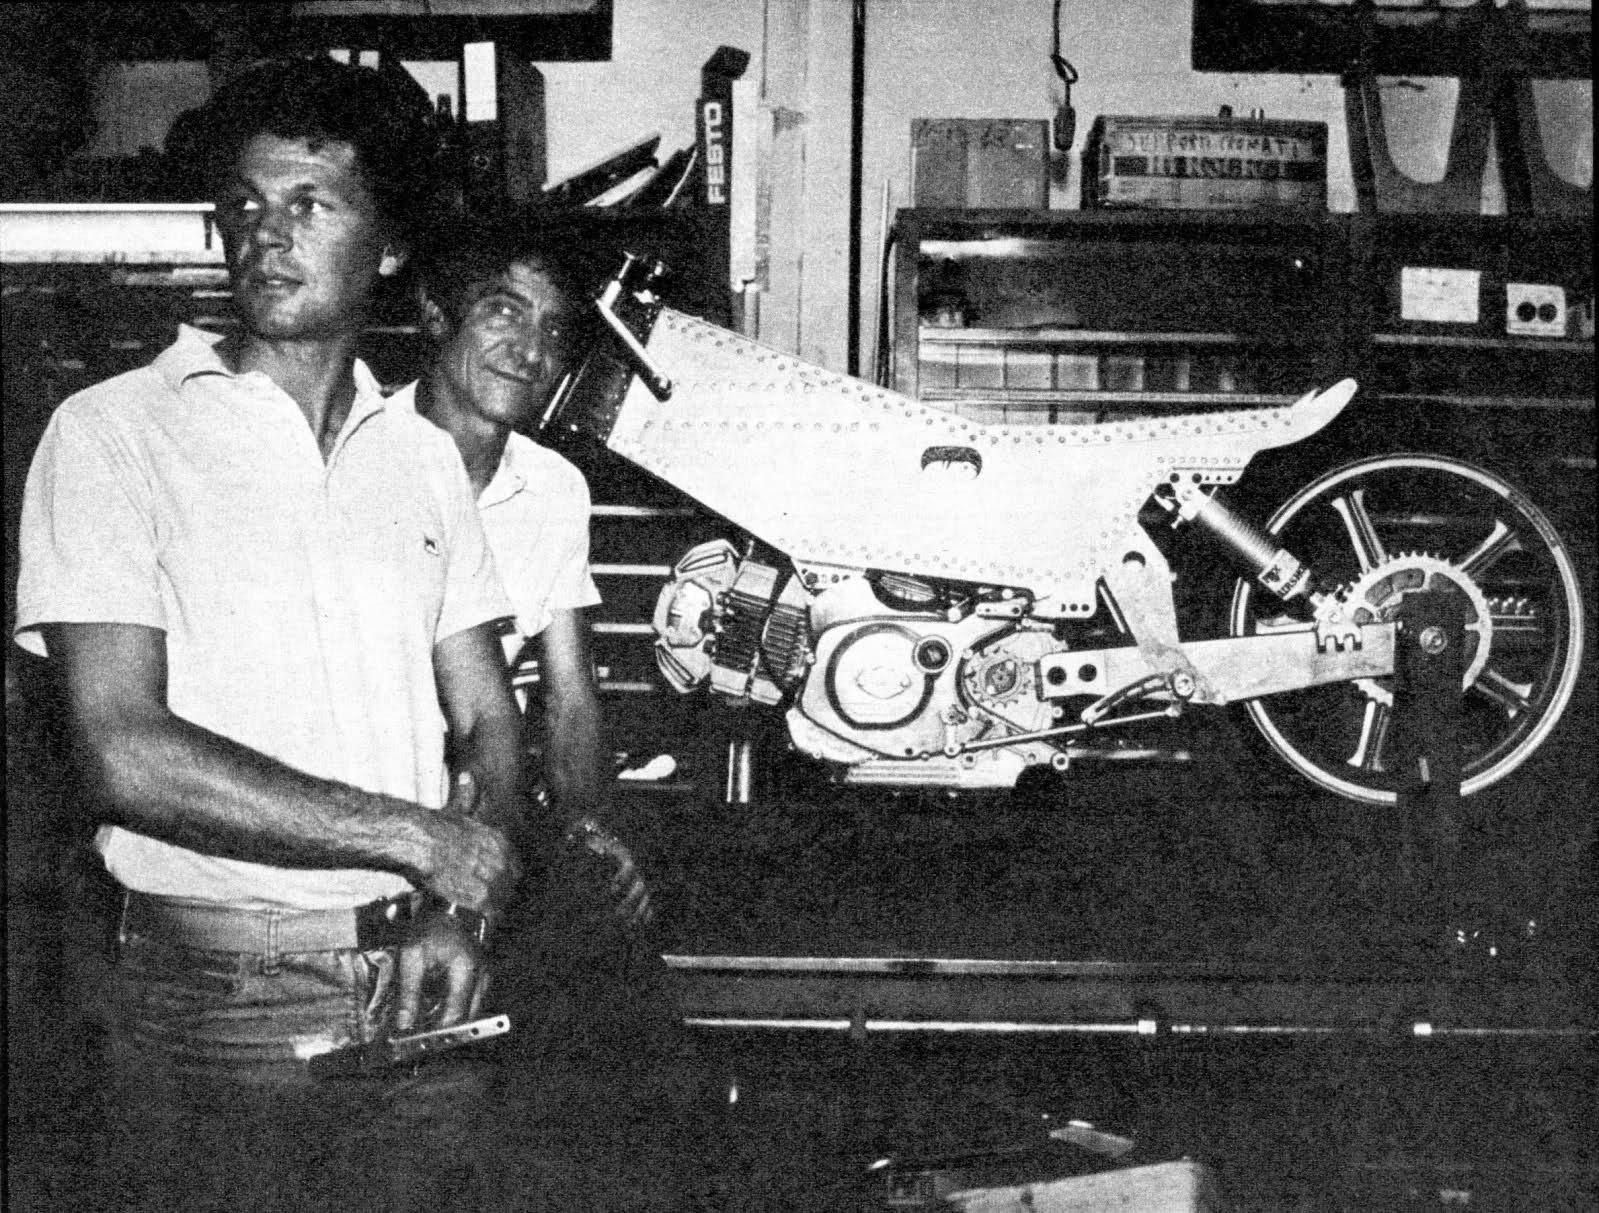 Réplica Ducati 50 de circuito - Página 2 208txk3